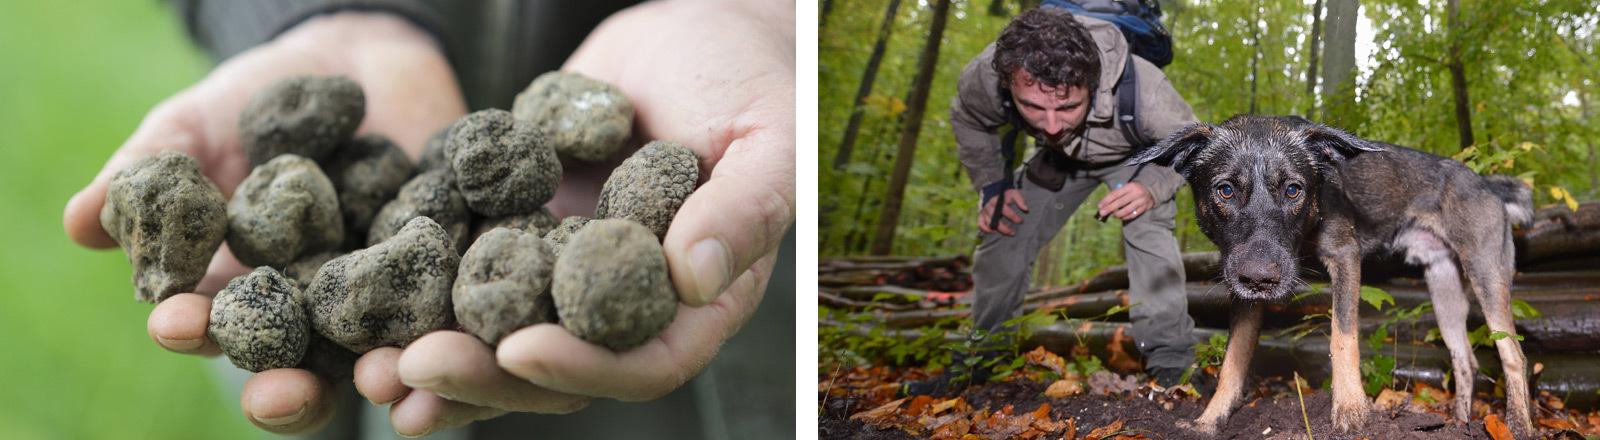 Collage: Ein Mann hält Trüffel in seinen Händen. Ein Trüffelhund mit seinem Besitzer.